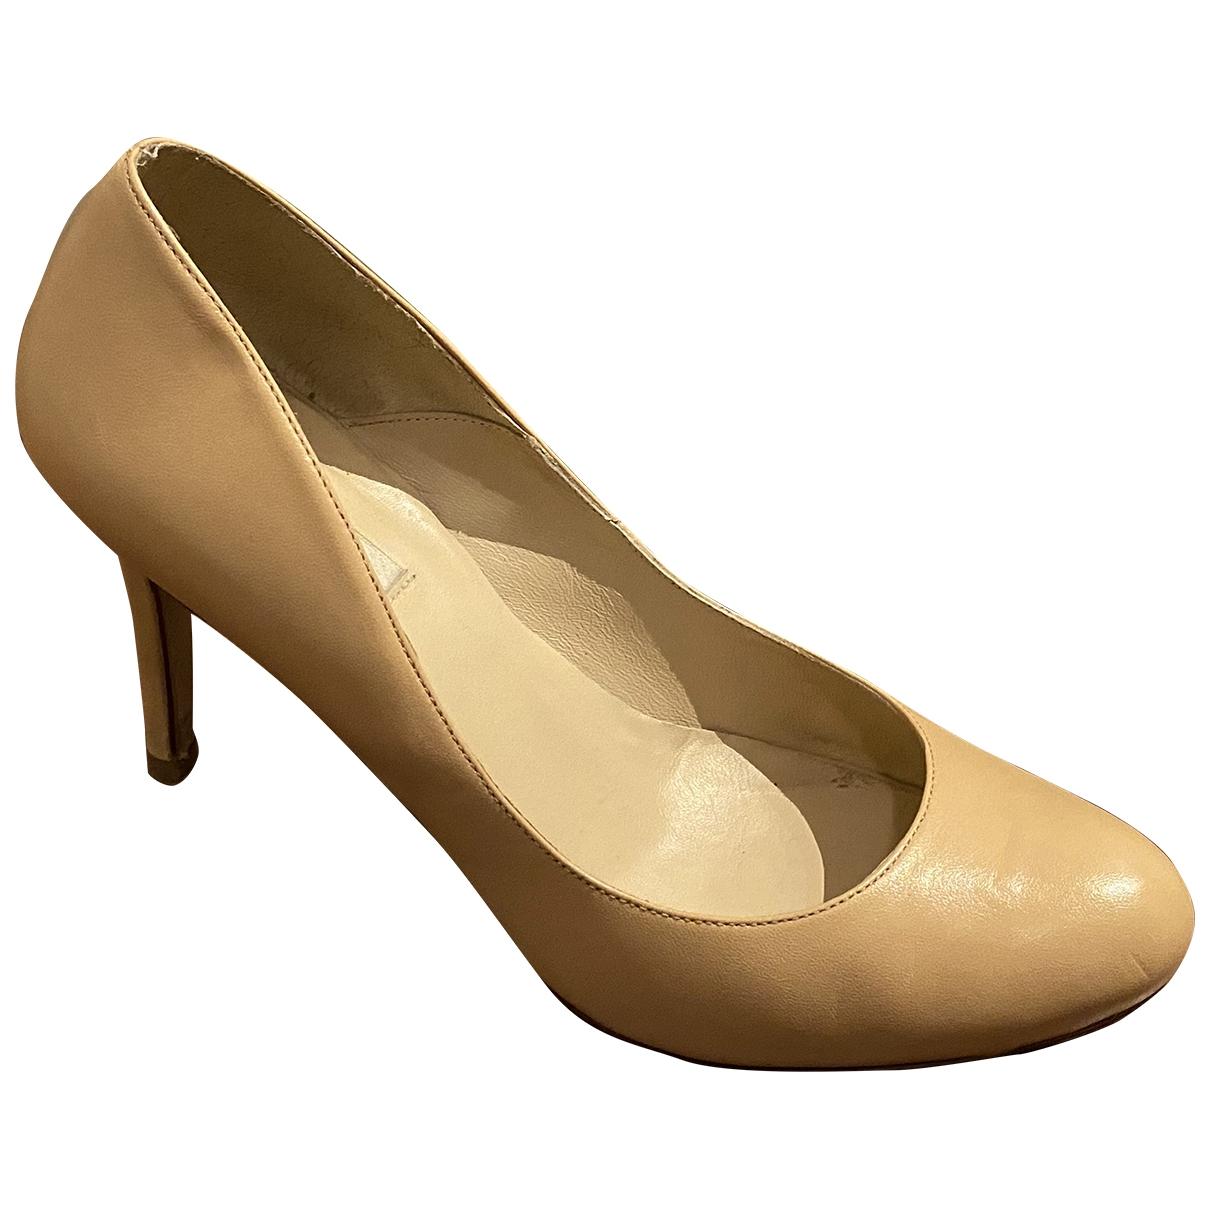 Lk Bennett - Escarpins   pour femme en cuir - beige